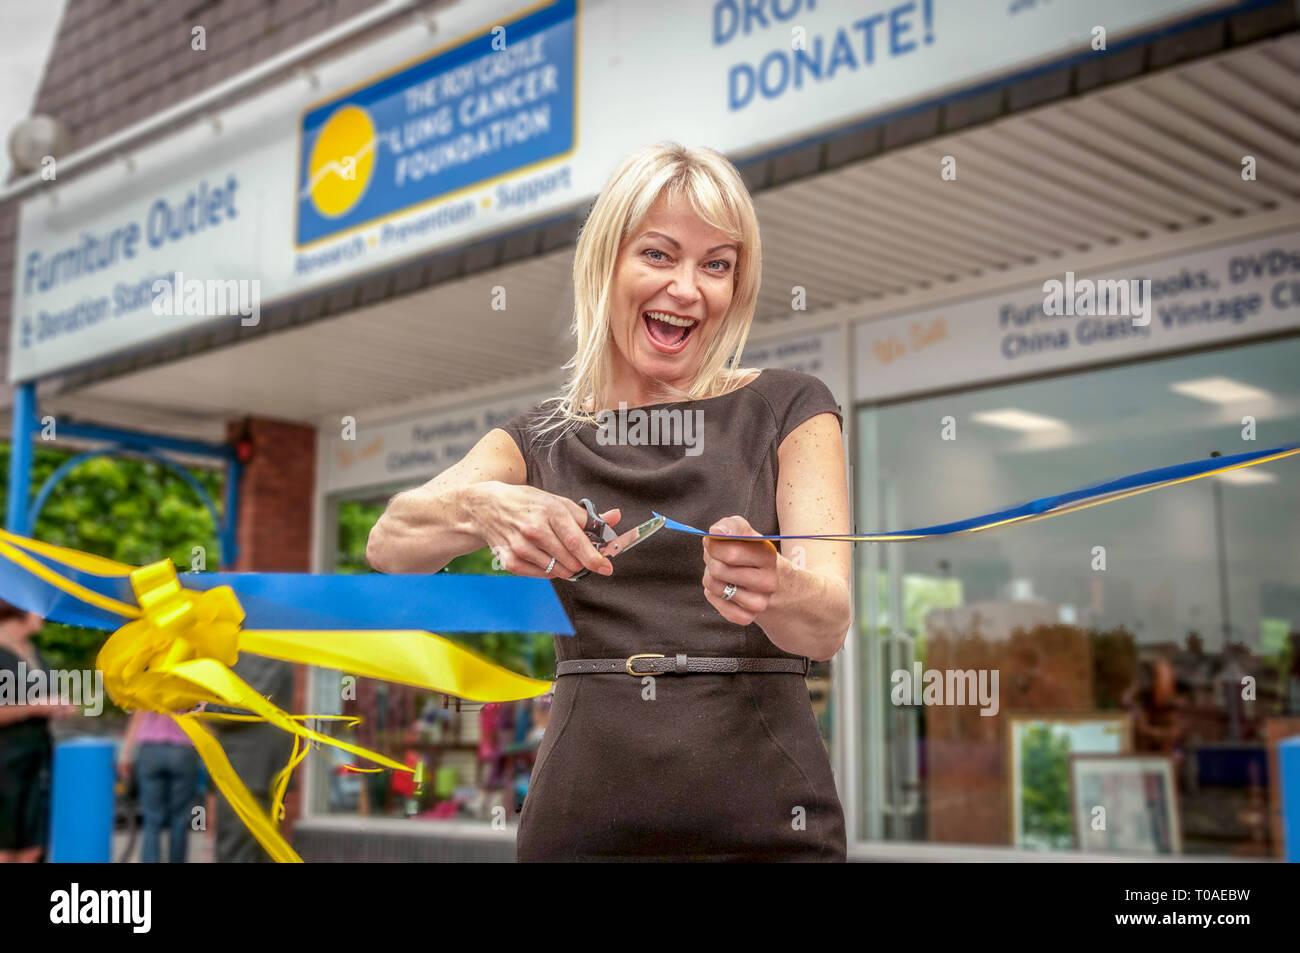 Schauspielerin Terri Dwyer schneidet ein Band an einem Geschäft öffnen. Stockbild